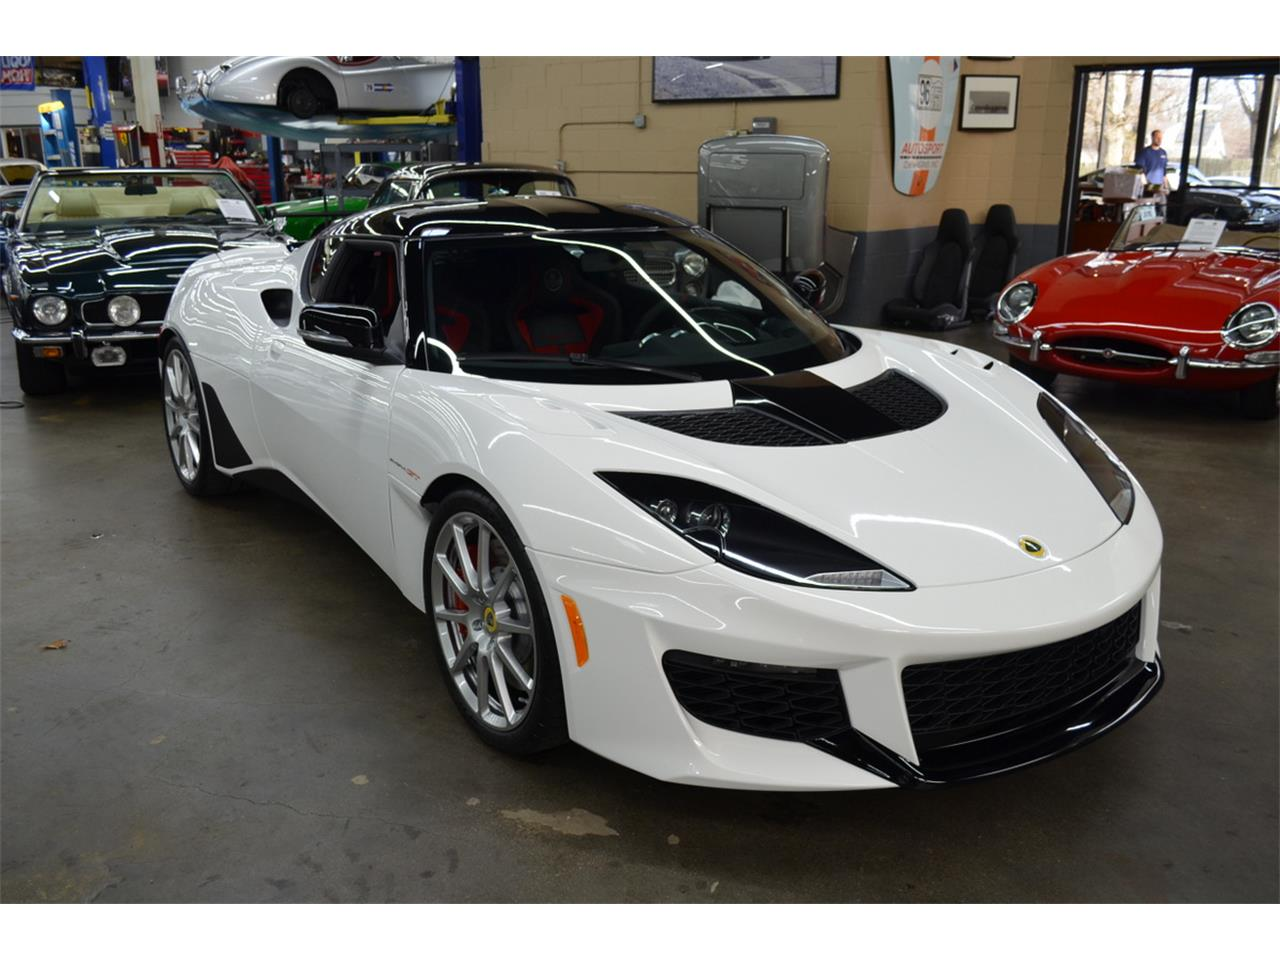 2020 Lotus Evora (CC-1310553) for sale in Huntington Station, New York